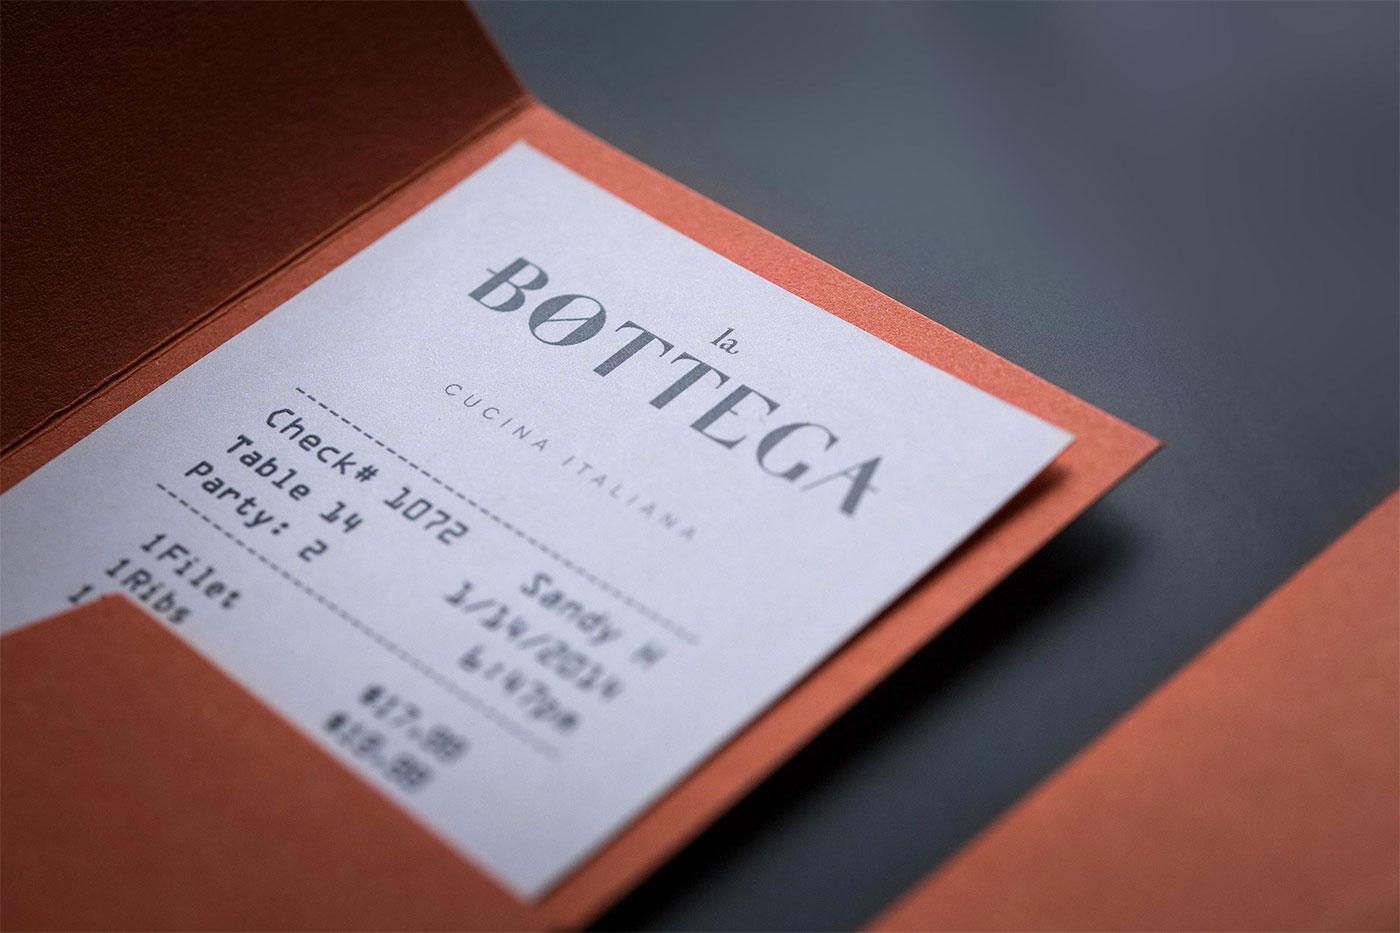 La Bottega receipt